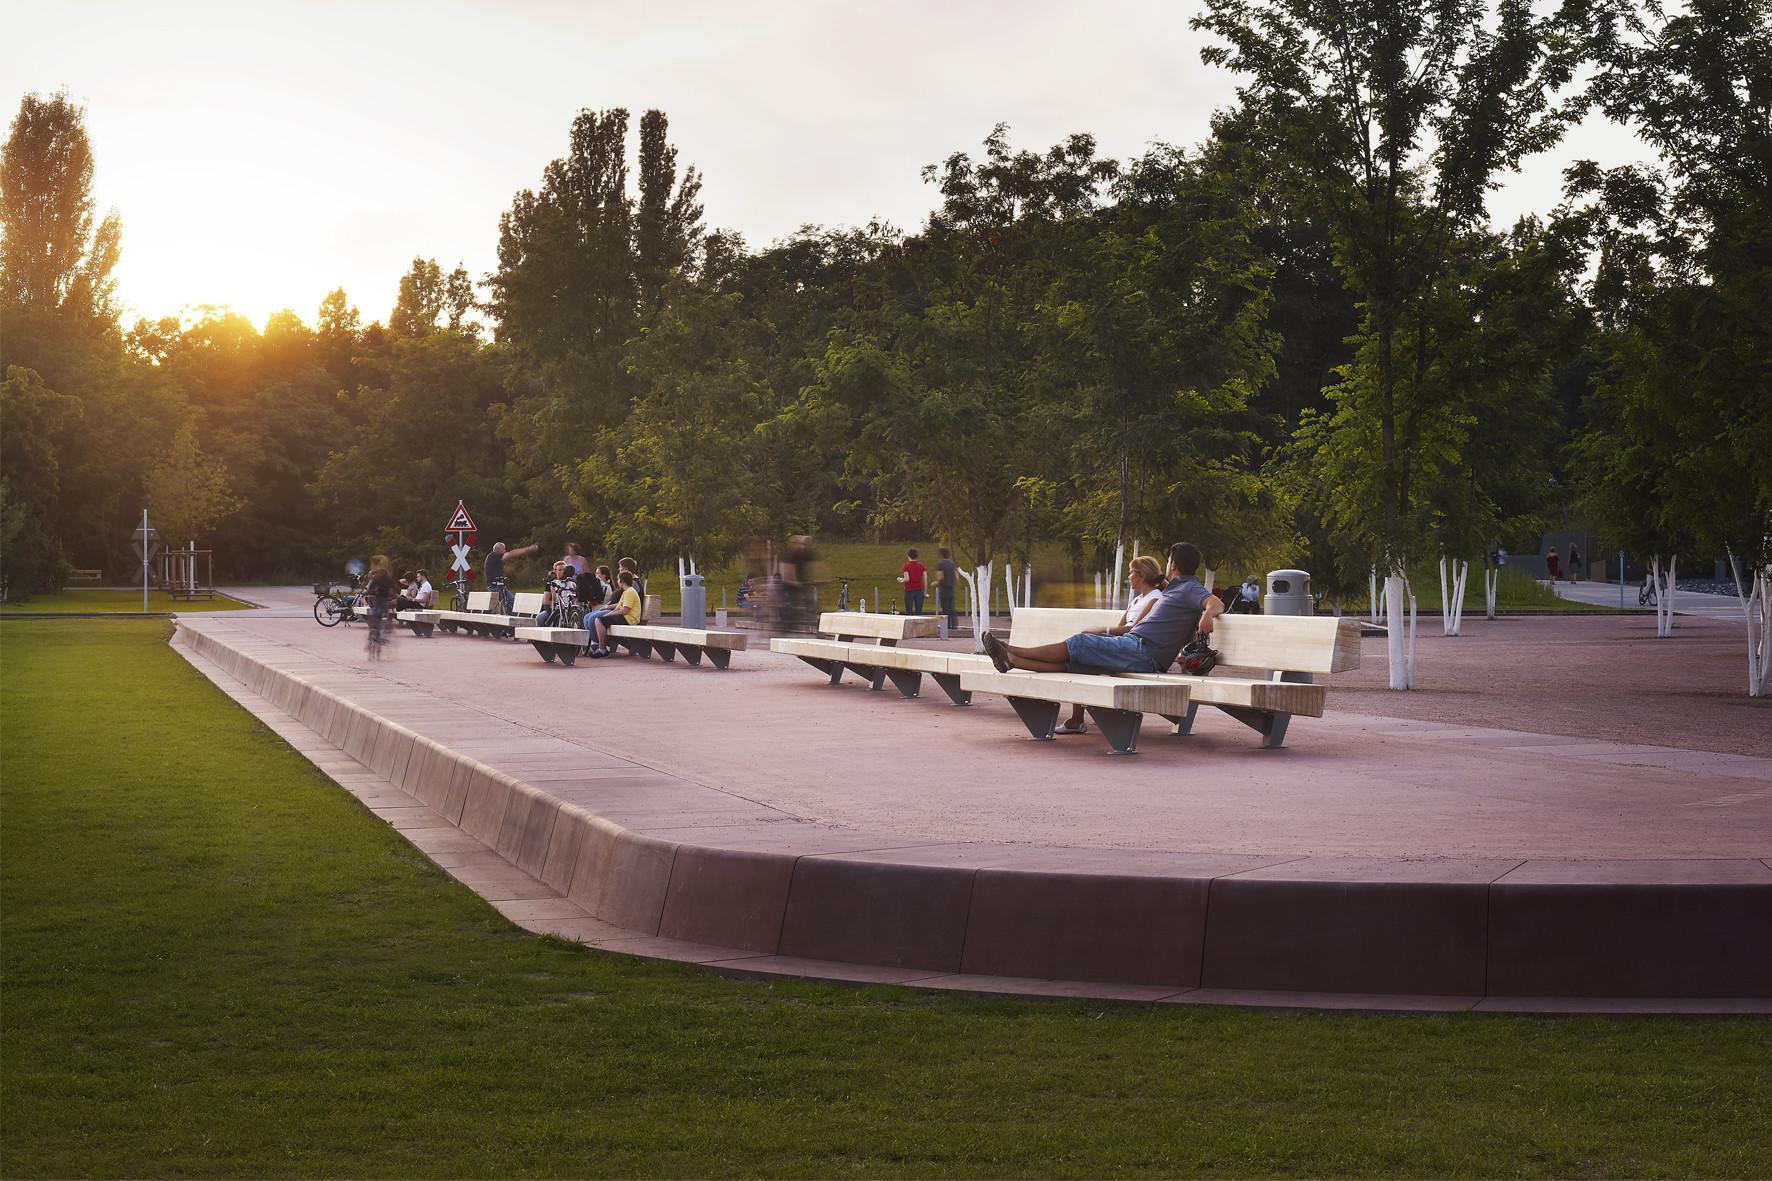 Gleisdreieck Park. Imagen © Julien Lanoo